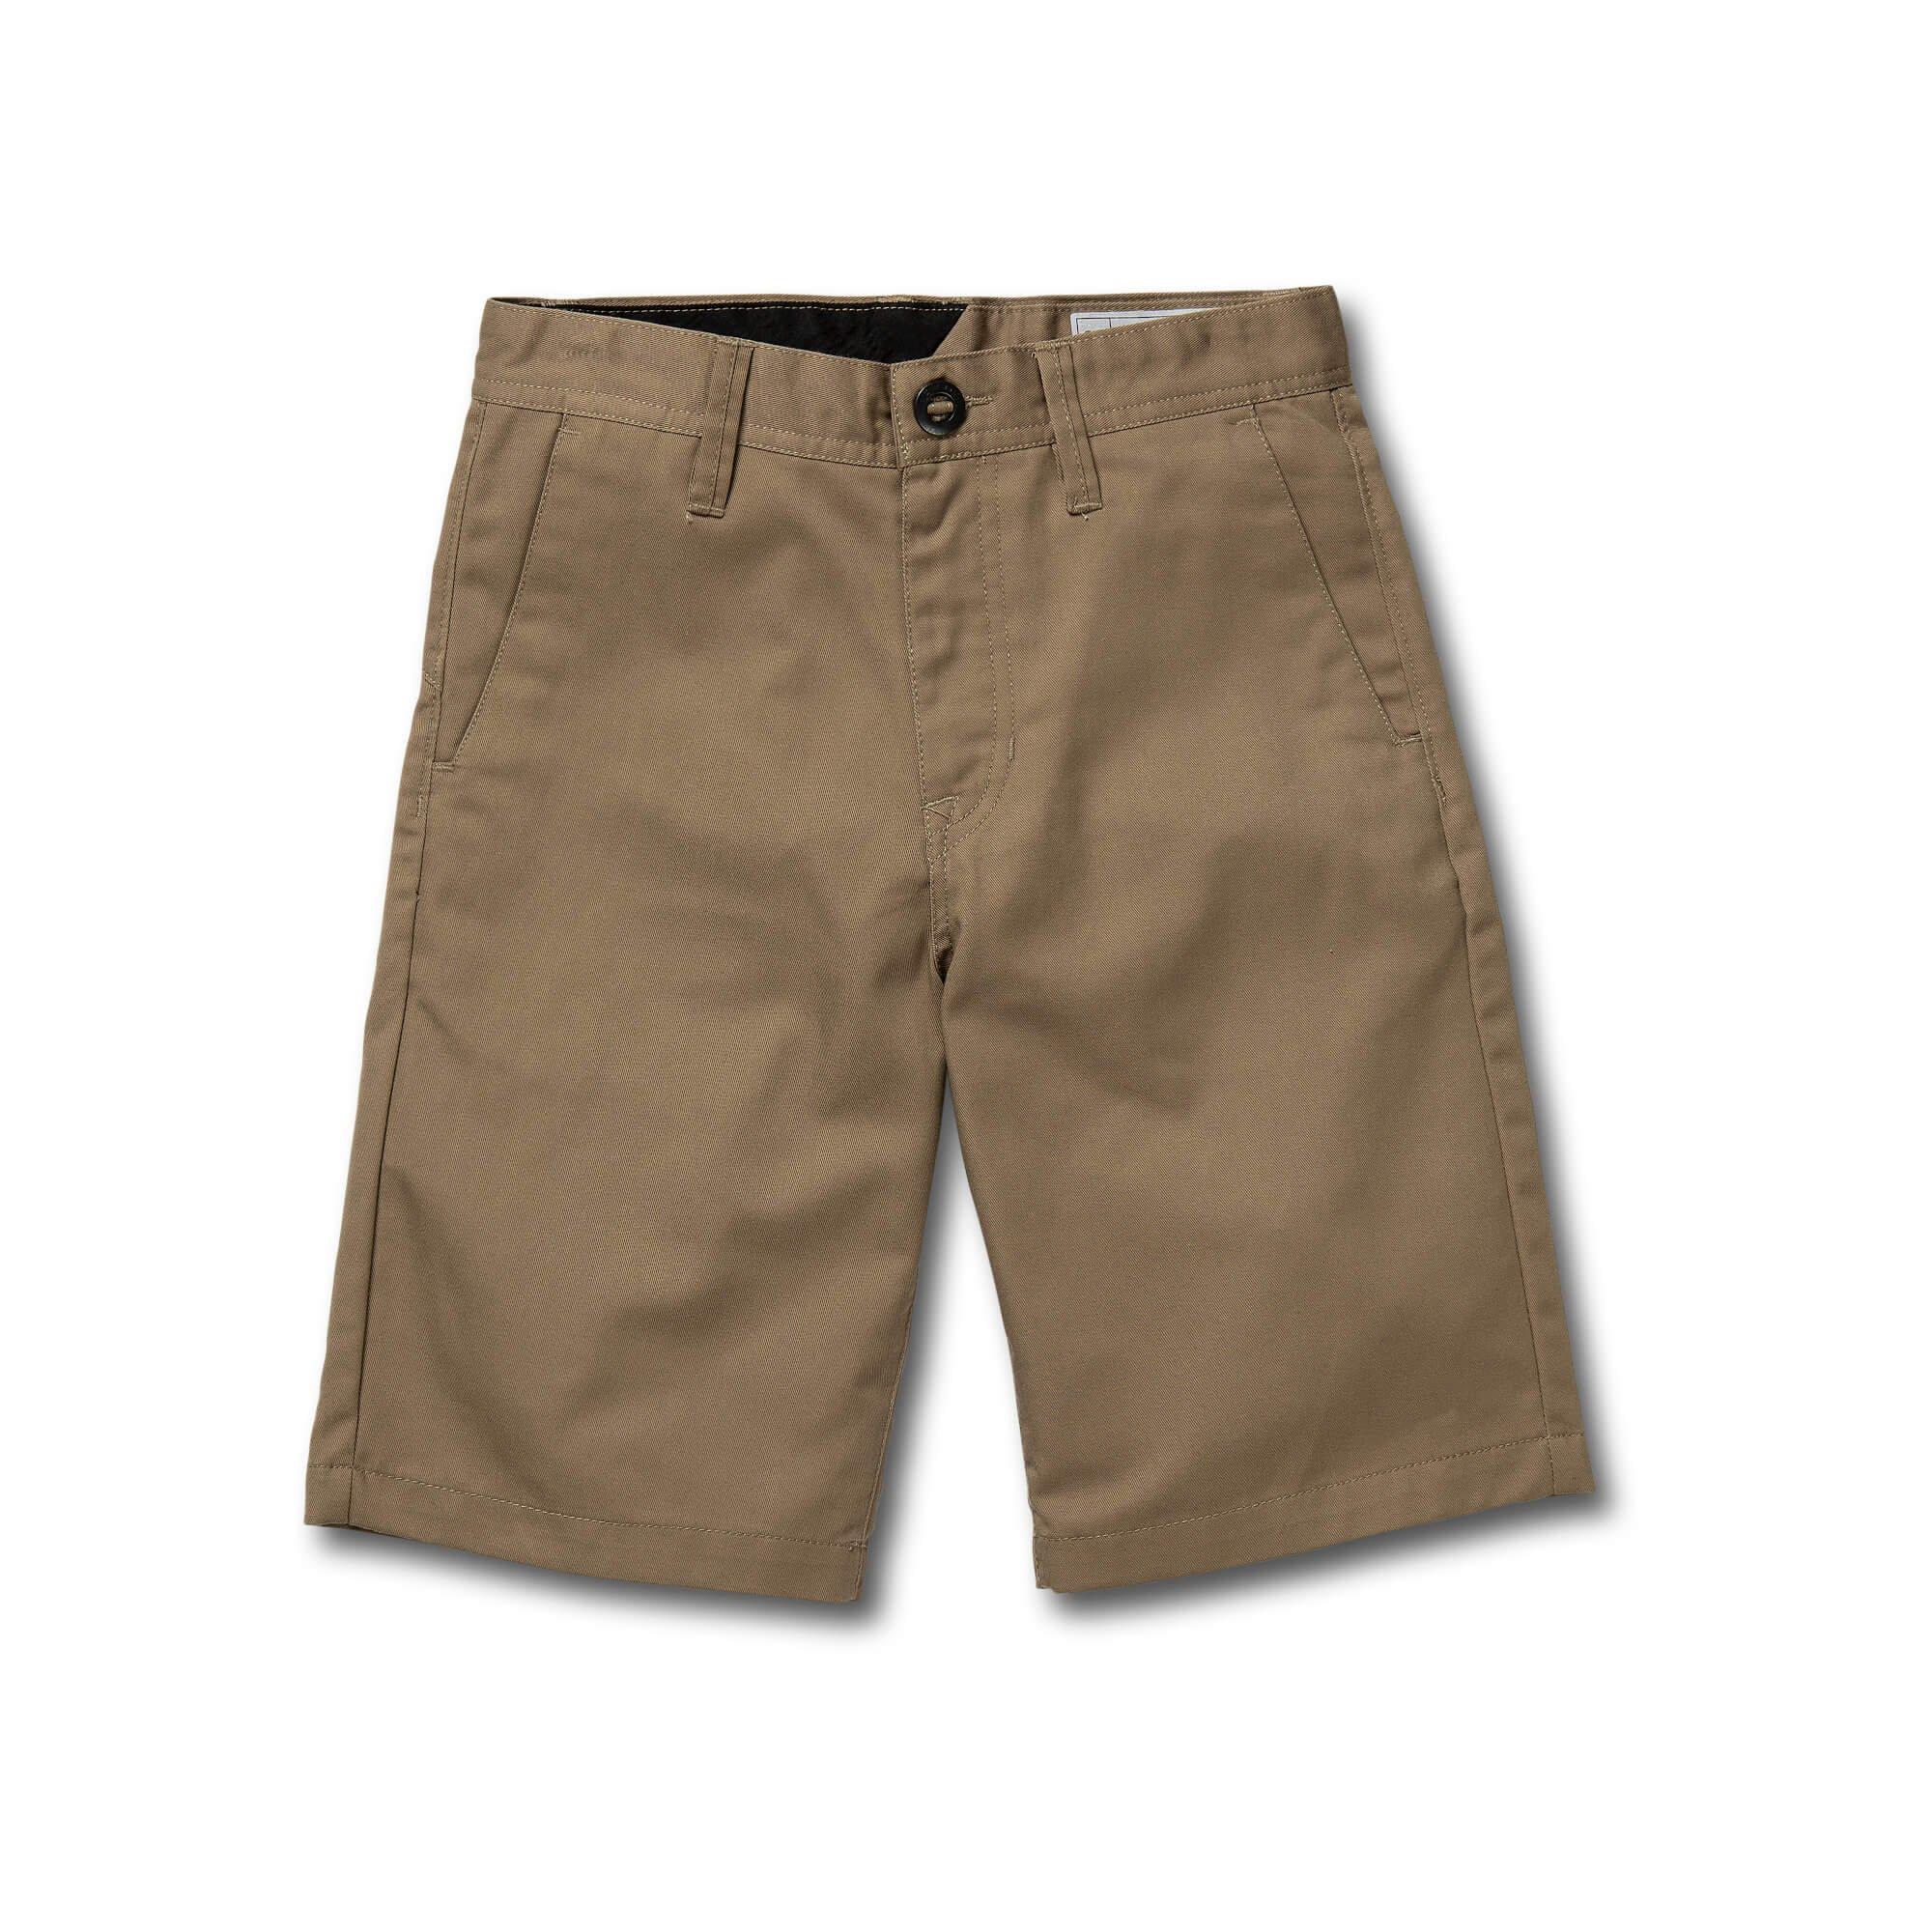 Volcom Big Boys Frickin Chino Short, Khaki, 29